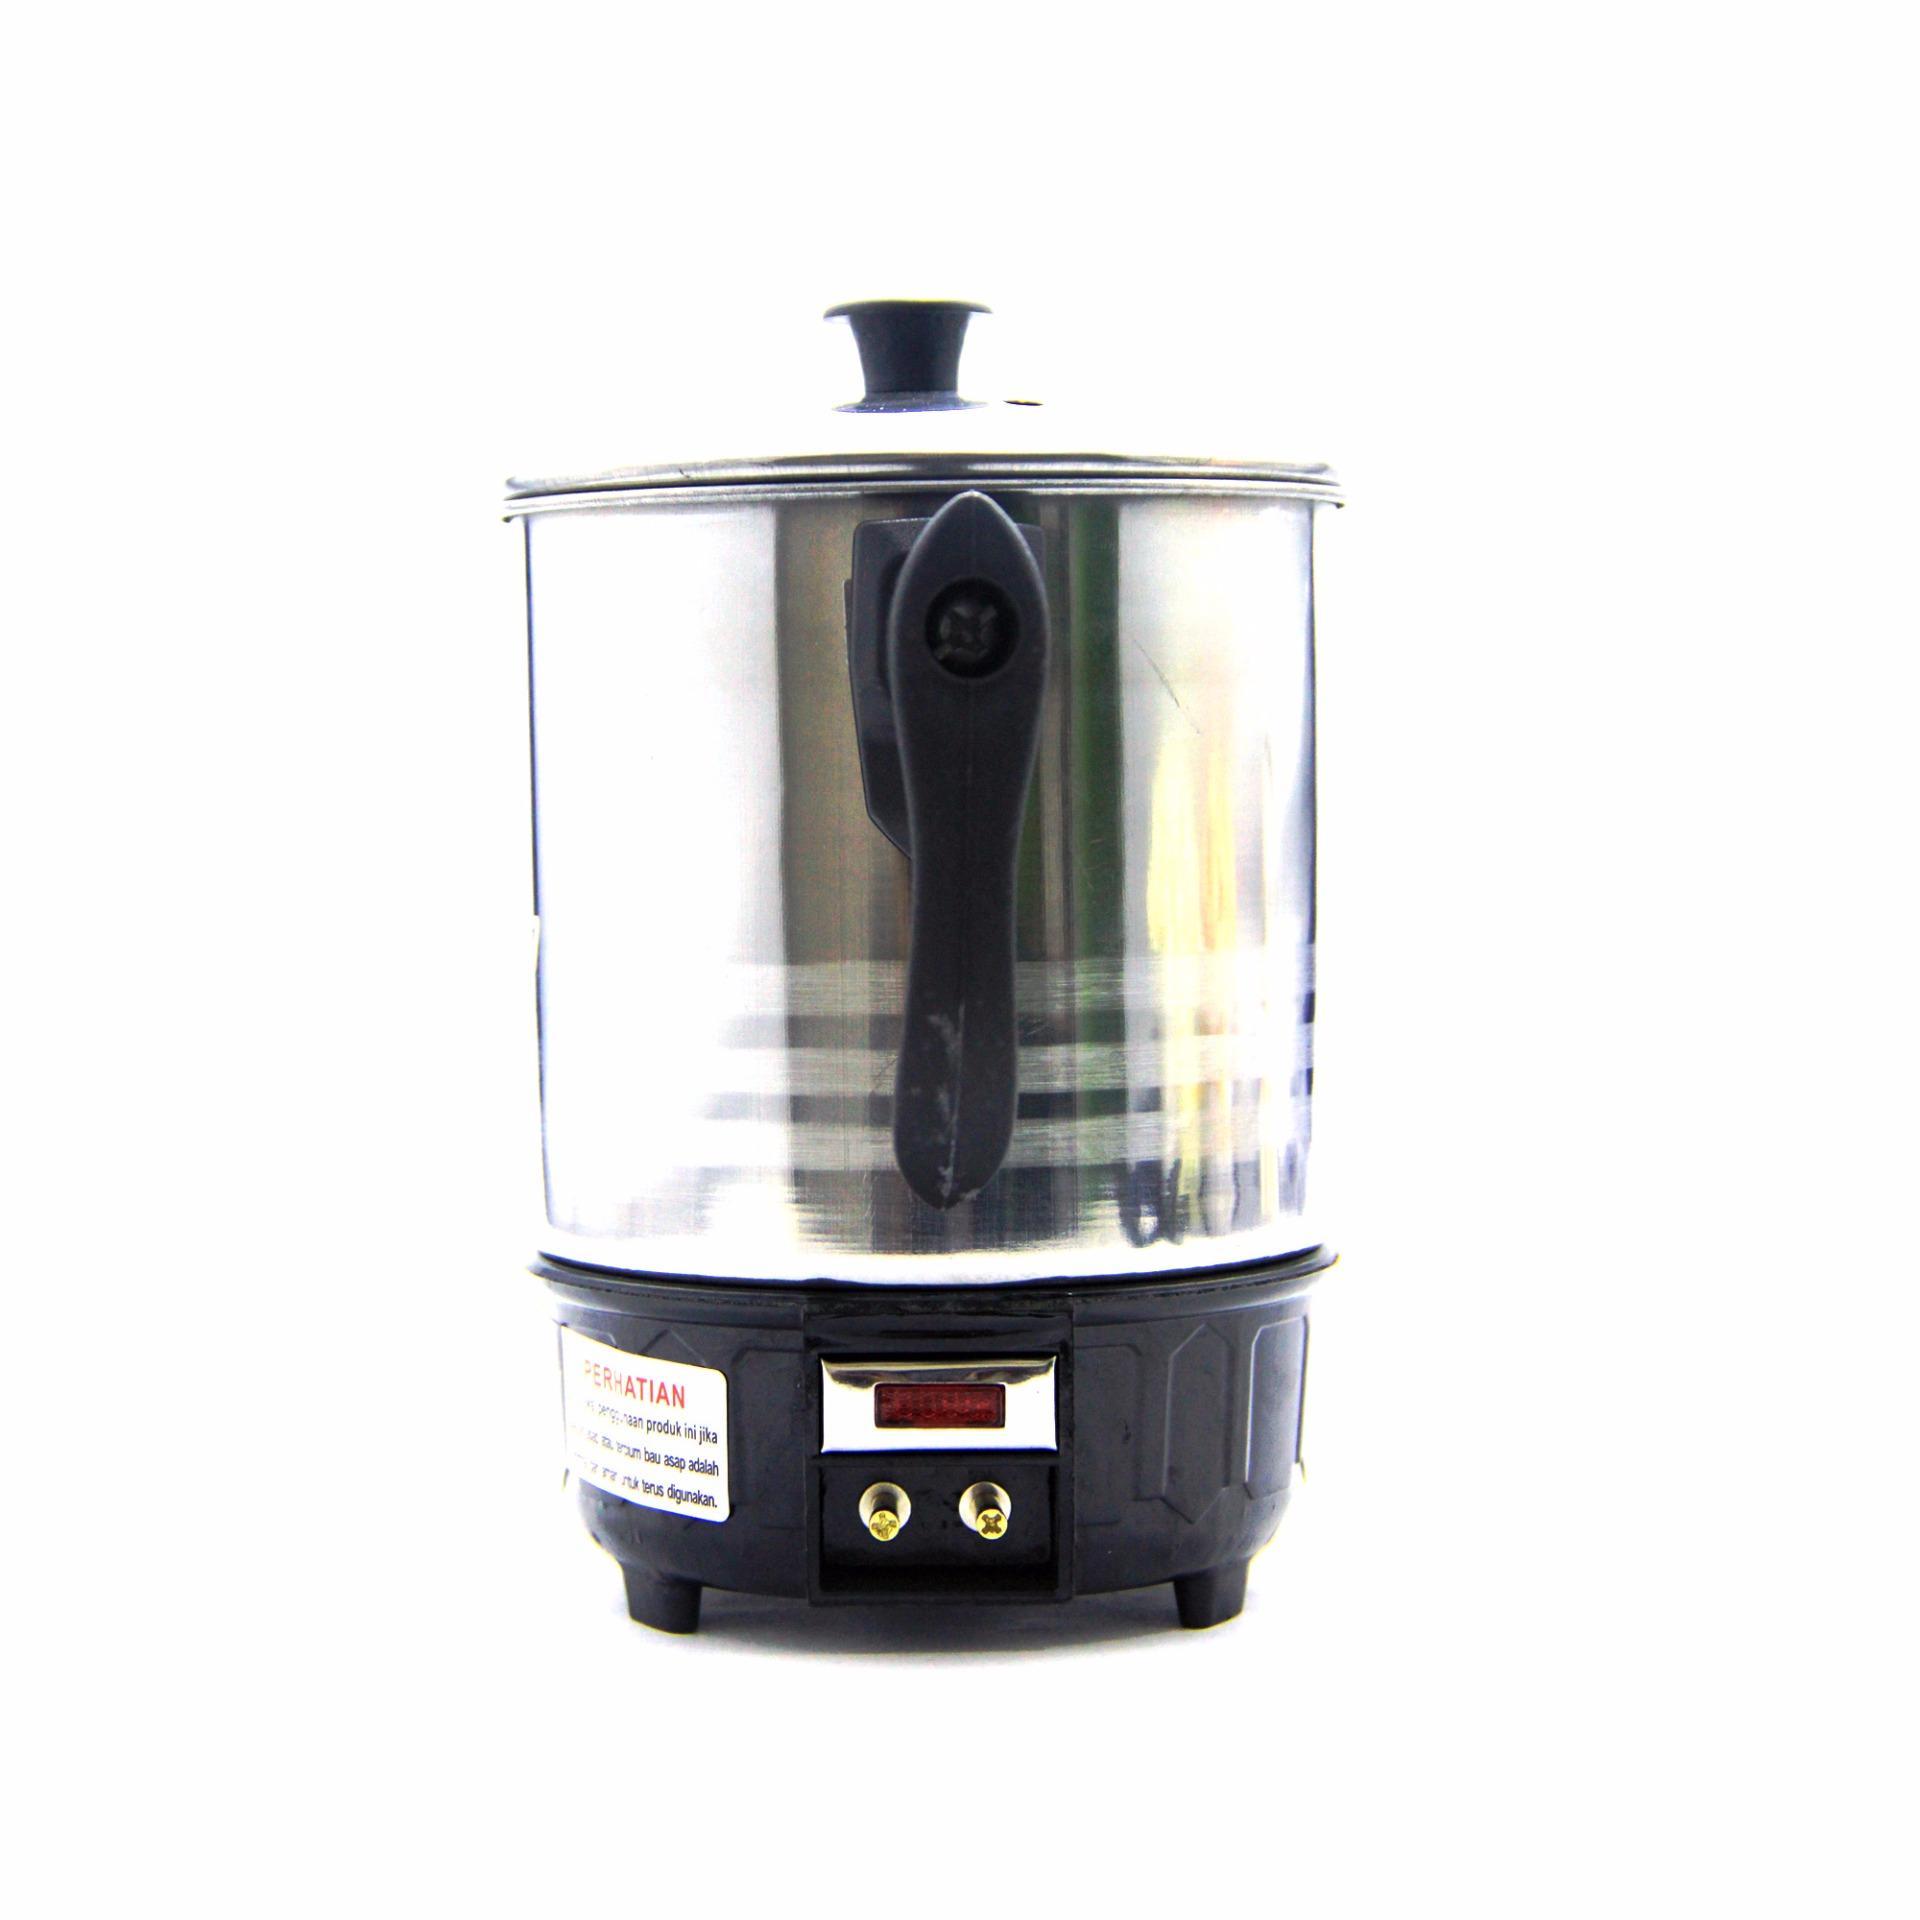 Belanja Murah Electric Heating Cup Q2 8012 Pemanas Air Elektrik 11cm Teko Listrik Mug